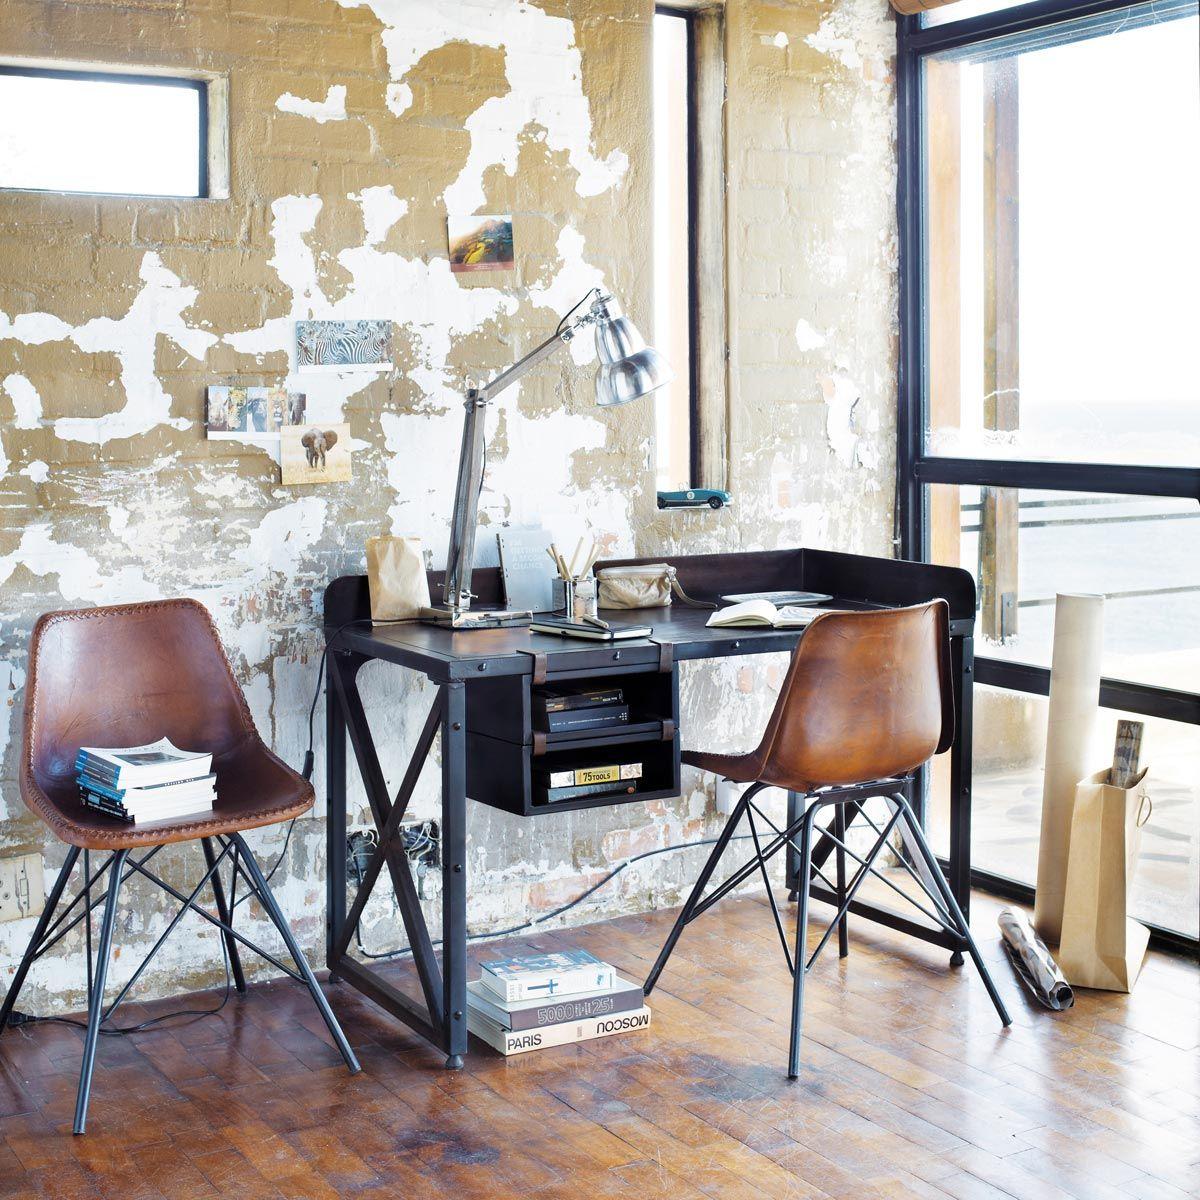 Laredo Brown Leather Dining Chair: Silla Industrial De Cuero Y Metal Marrón Austerlitz